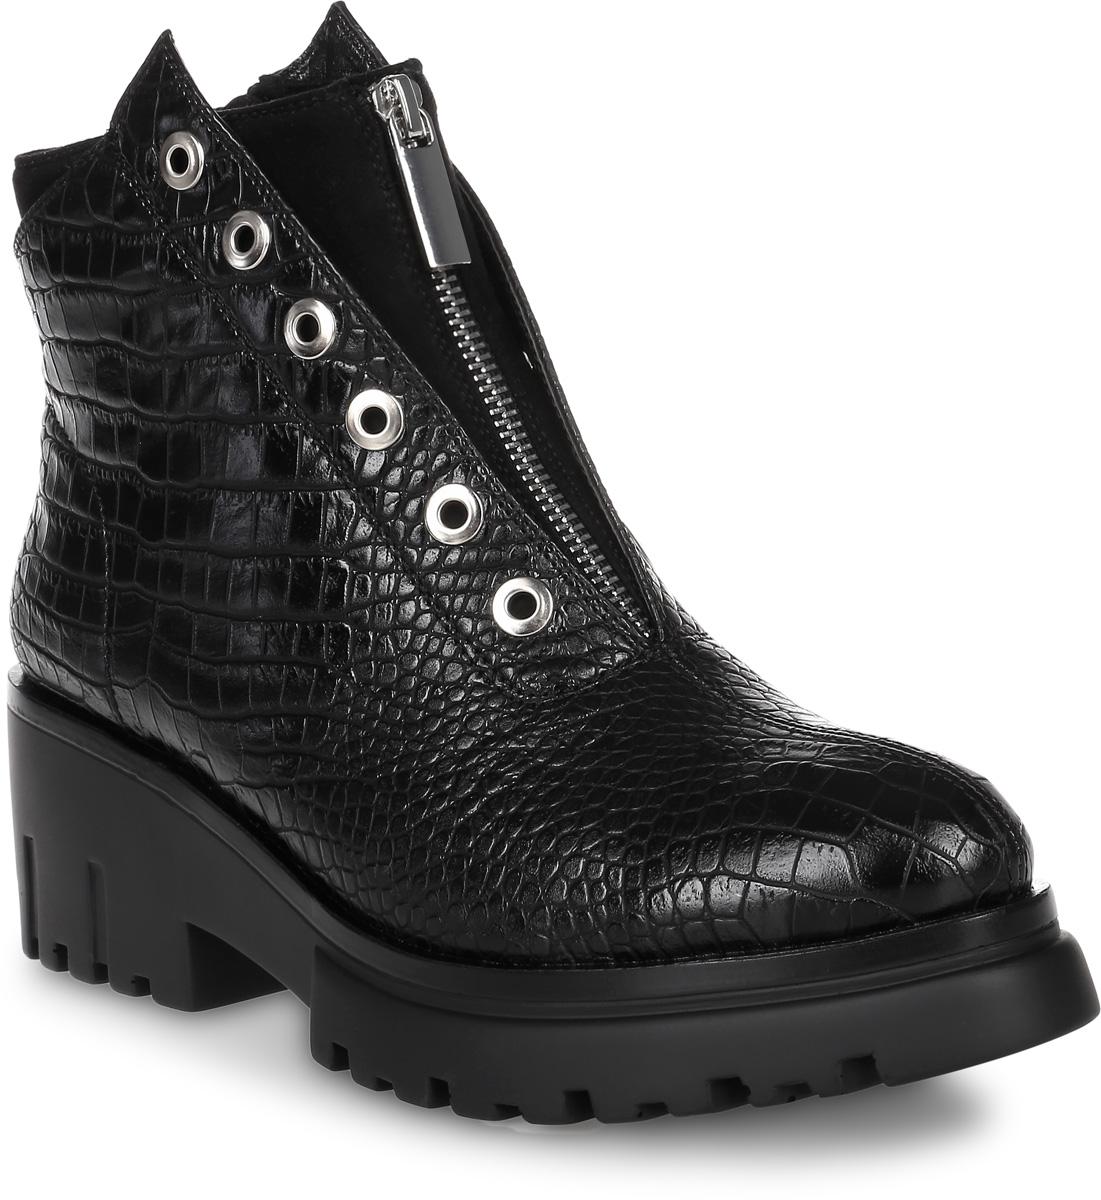 Ботинки женские Avenir Premium, цвет: черный. 2323-MI62450B. Размер 362323-MI62450BОригинальные ботинки от Avenirt заинтересуют вас своим дизайном с первого взгляда! Модель выполнена из искусственной кожи с двойным подъемом. Наружный подъем оформлен тиснением под рептилию и дополнен перфорацией для шнуровки, внутренний подъем дополнен молнией. Стелька, выполненная из байки, защитит ваши ноги от холода и обеспечит комфорт. Ботинки застегиваются на застежку-молнию, расположенную на одной из боковых сторон. Умеренной высоты каблук и подошва с рельефным протектором обеспечивают отличное сцепление на любой поверхности. Модные ботинки покорят вас своим оригинальным дизайном и удобством!